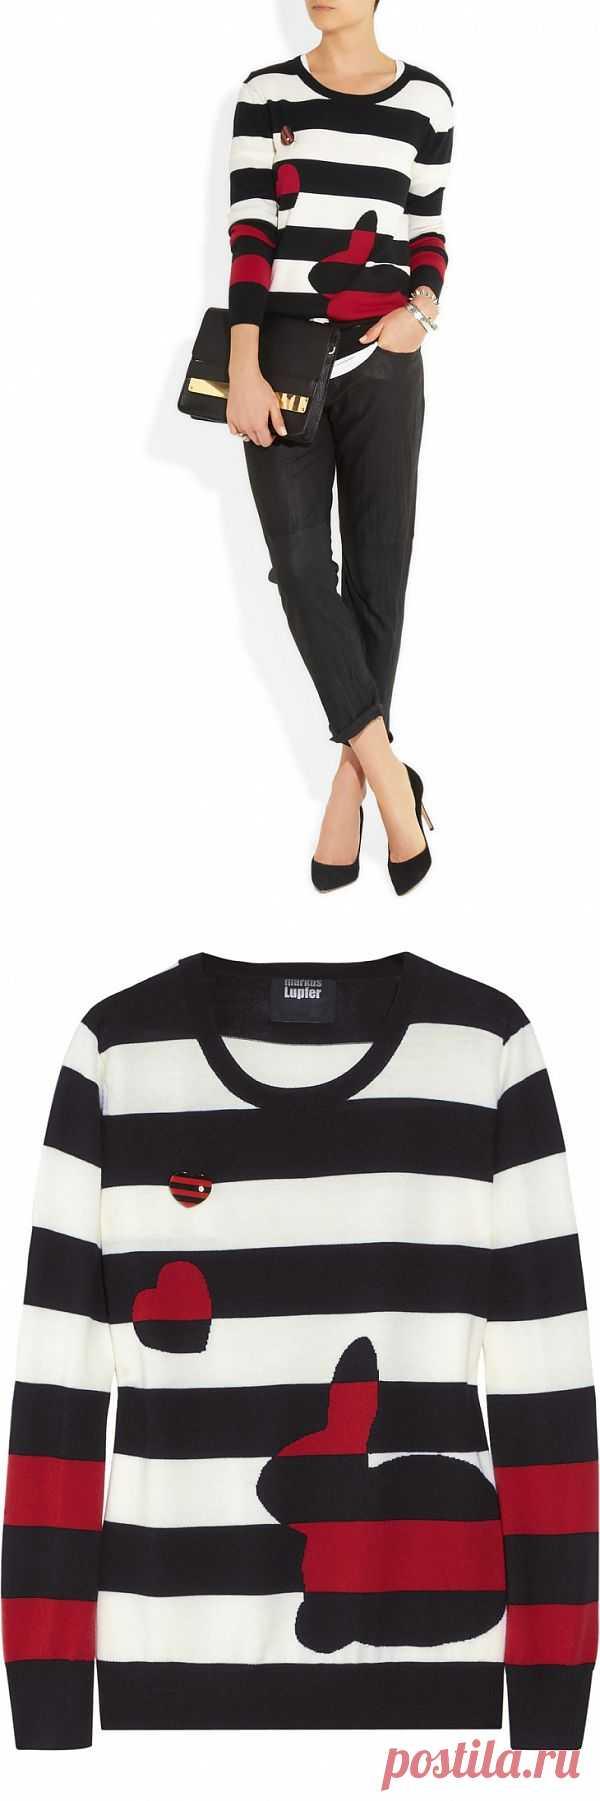 Заяц в полоску / Свитер / Модный сайт о стильной переделке одежды и интерьера